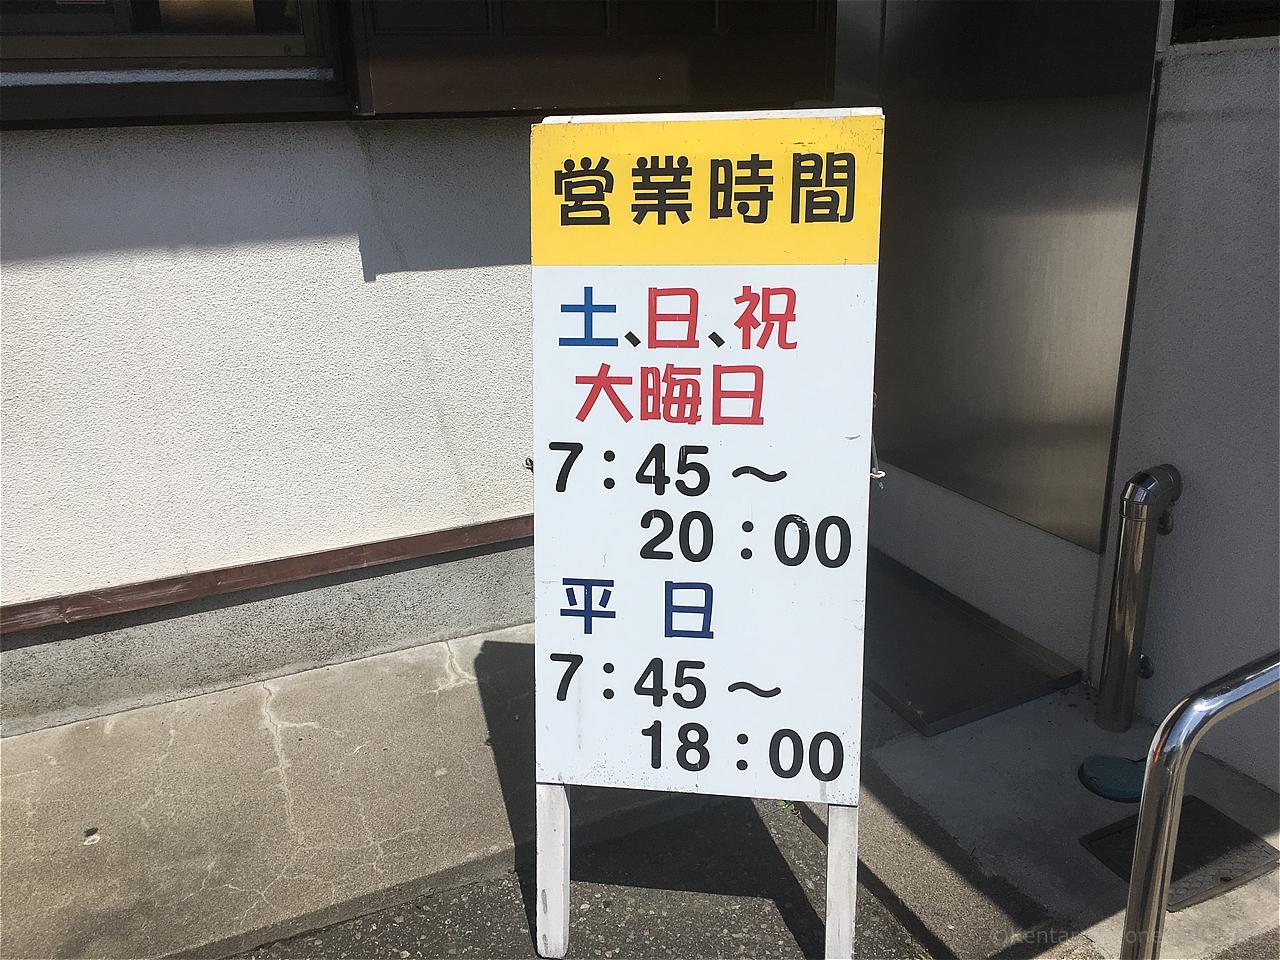 忠太郎茶屋の外観(営業時間)